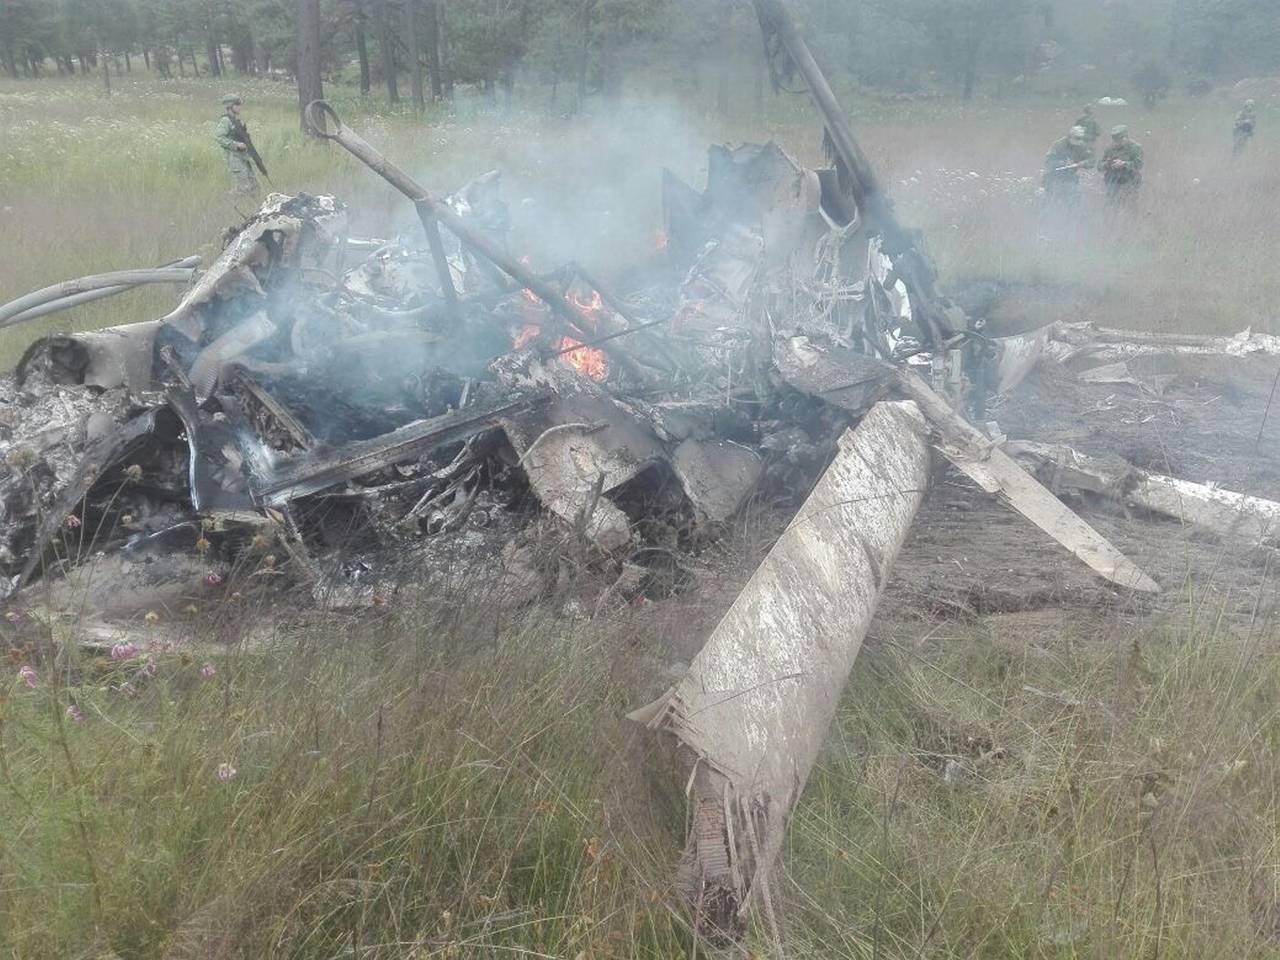 Cae helicóptero de la Sedena; mueren 7